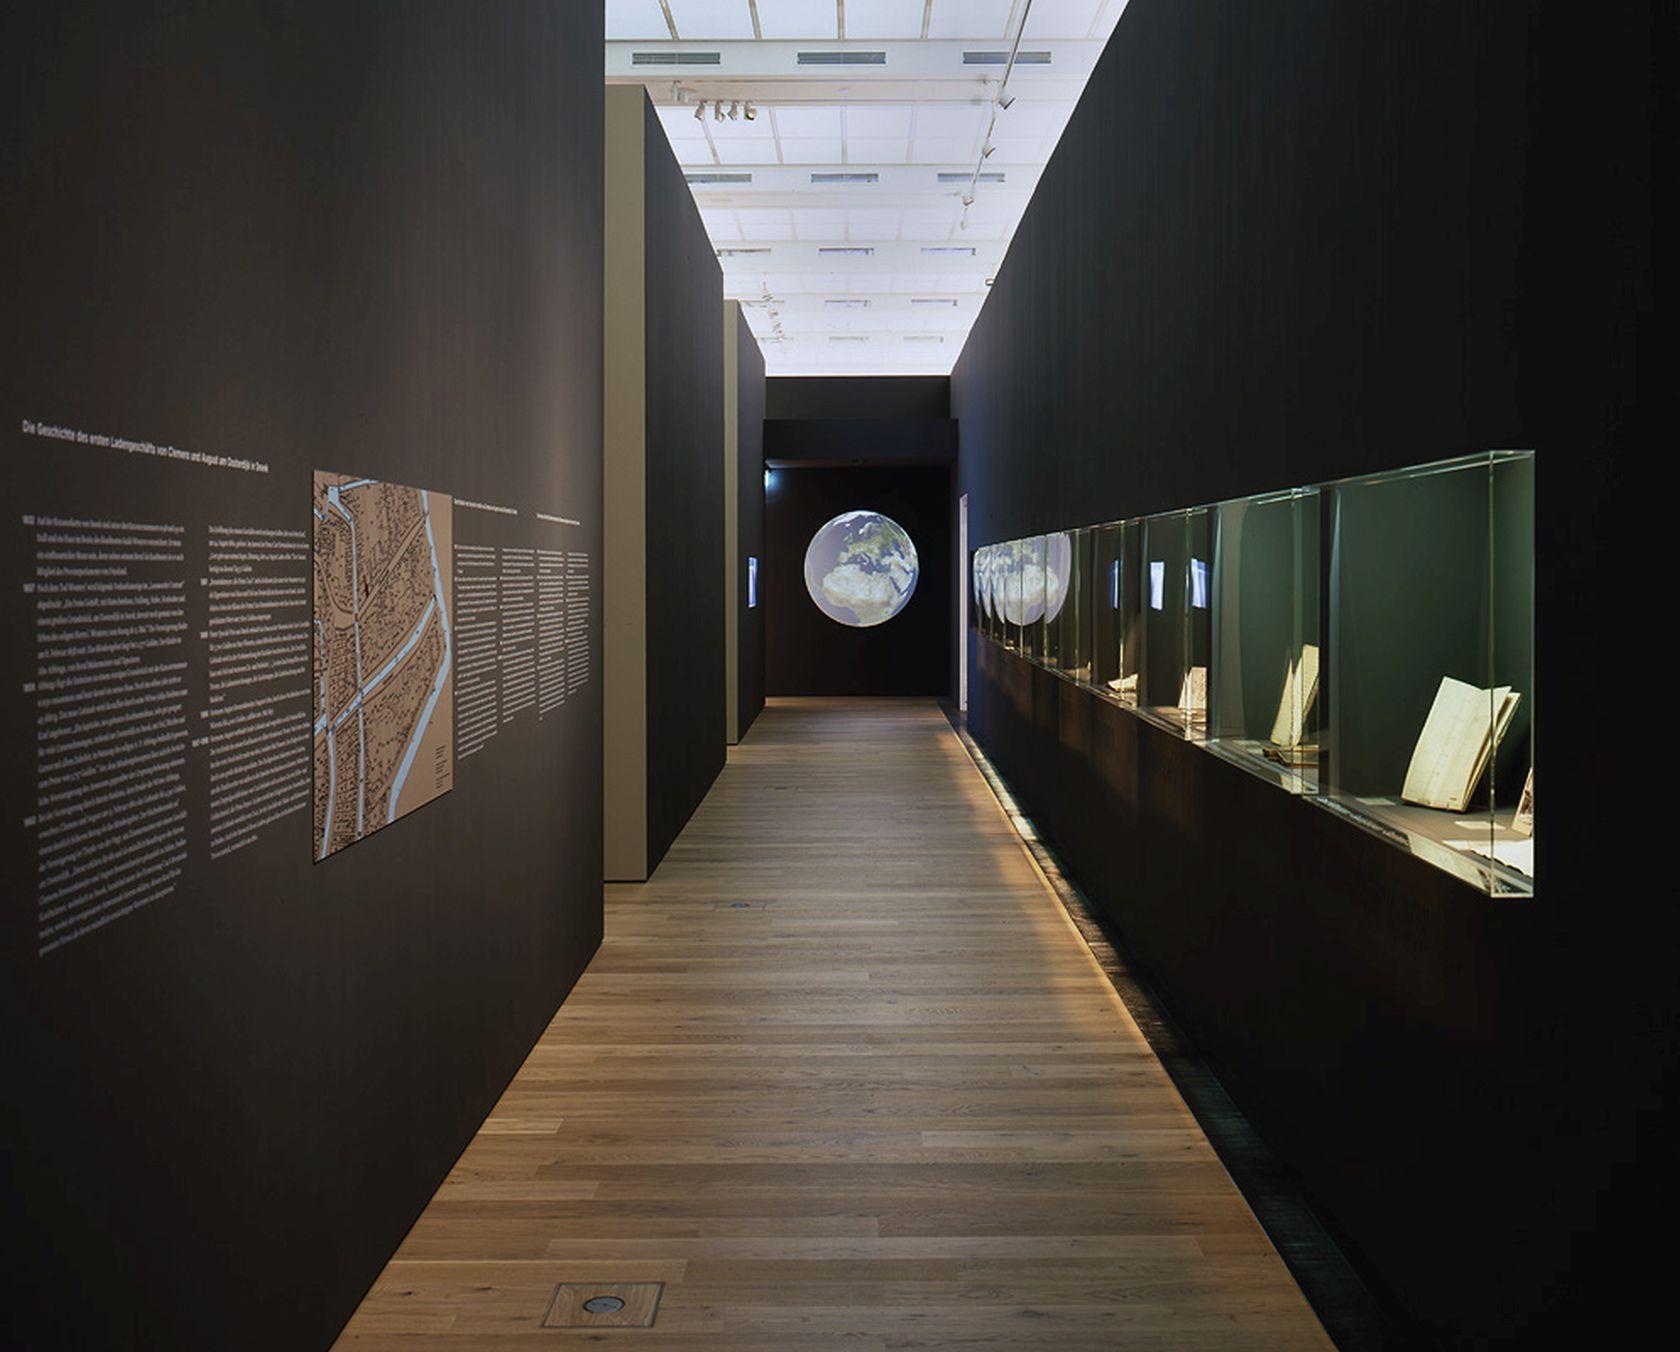 Ausstellung DRAI CLEMENS UND AUGUST-019